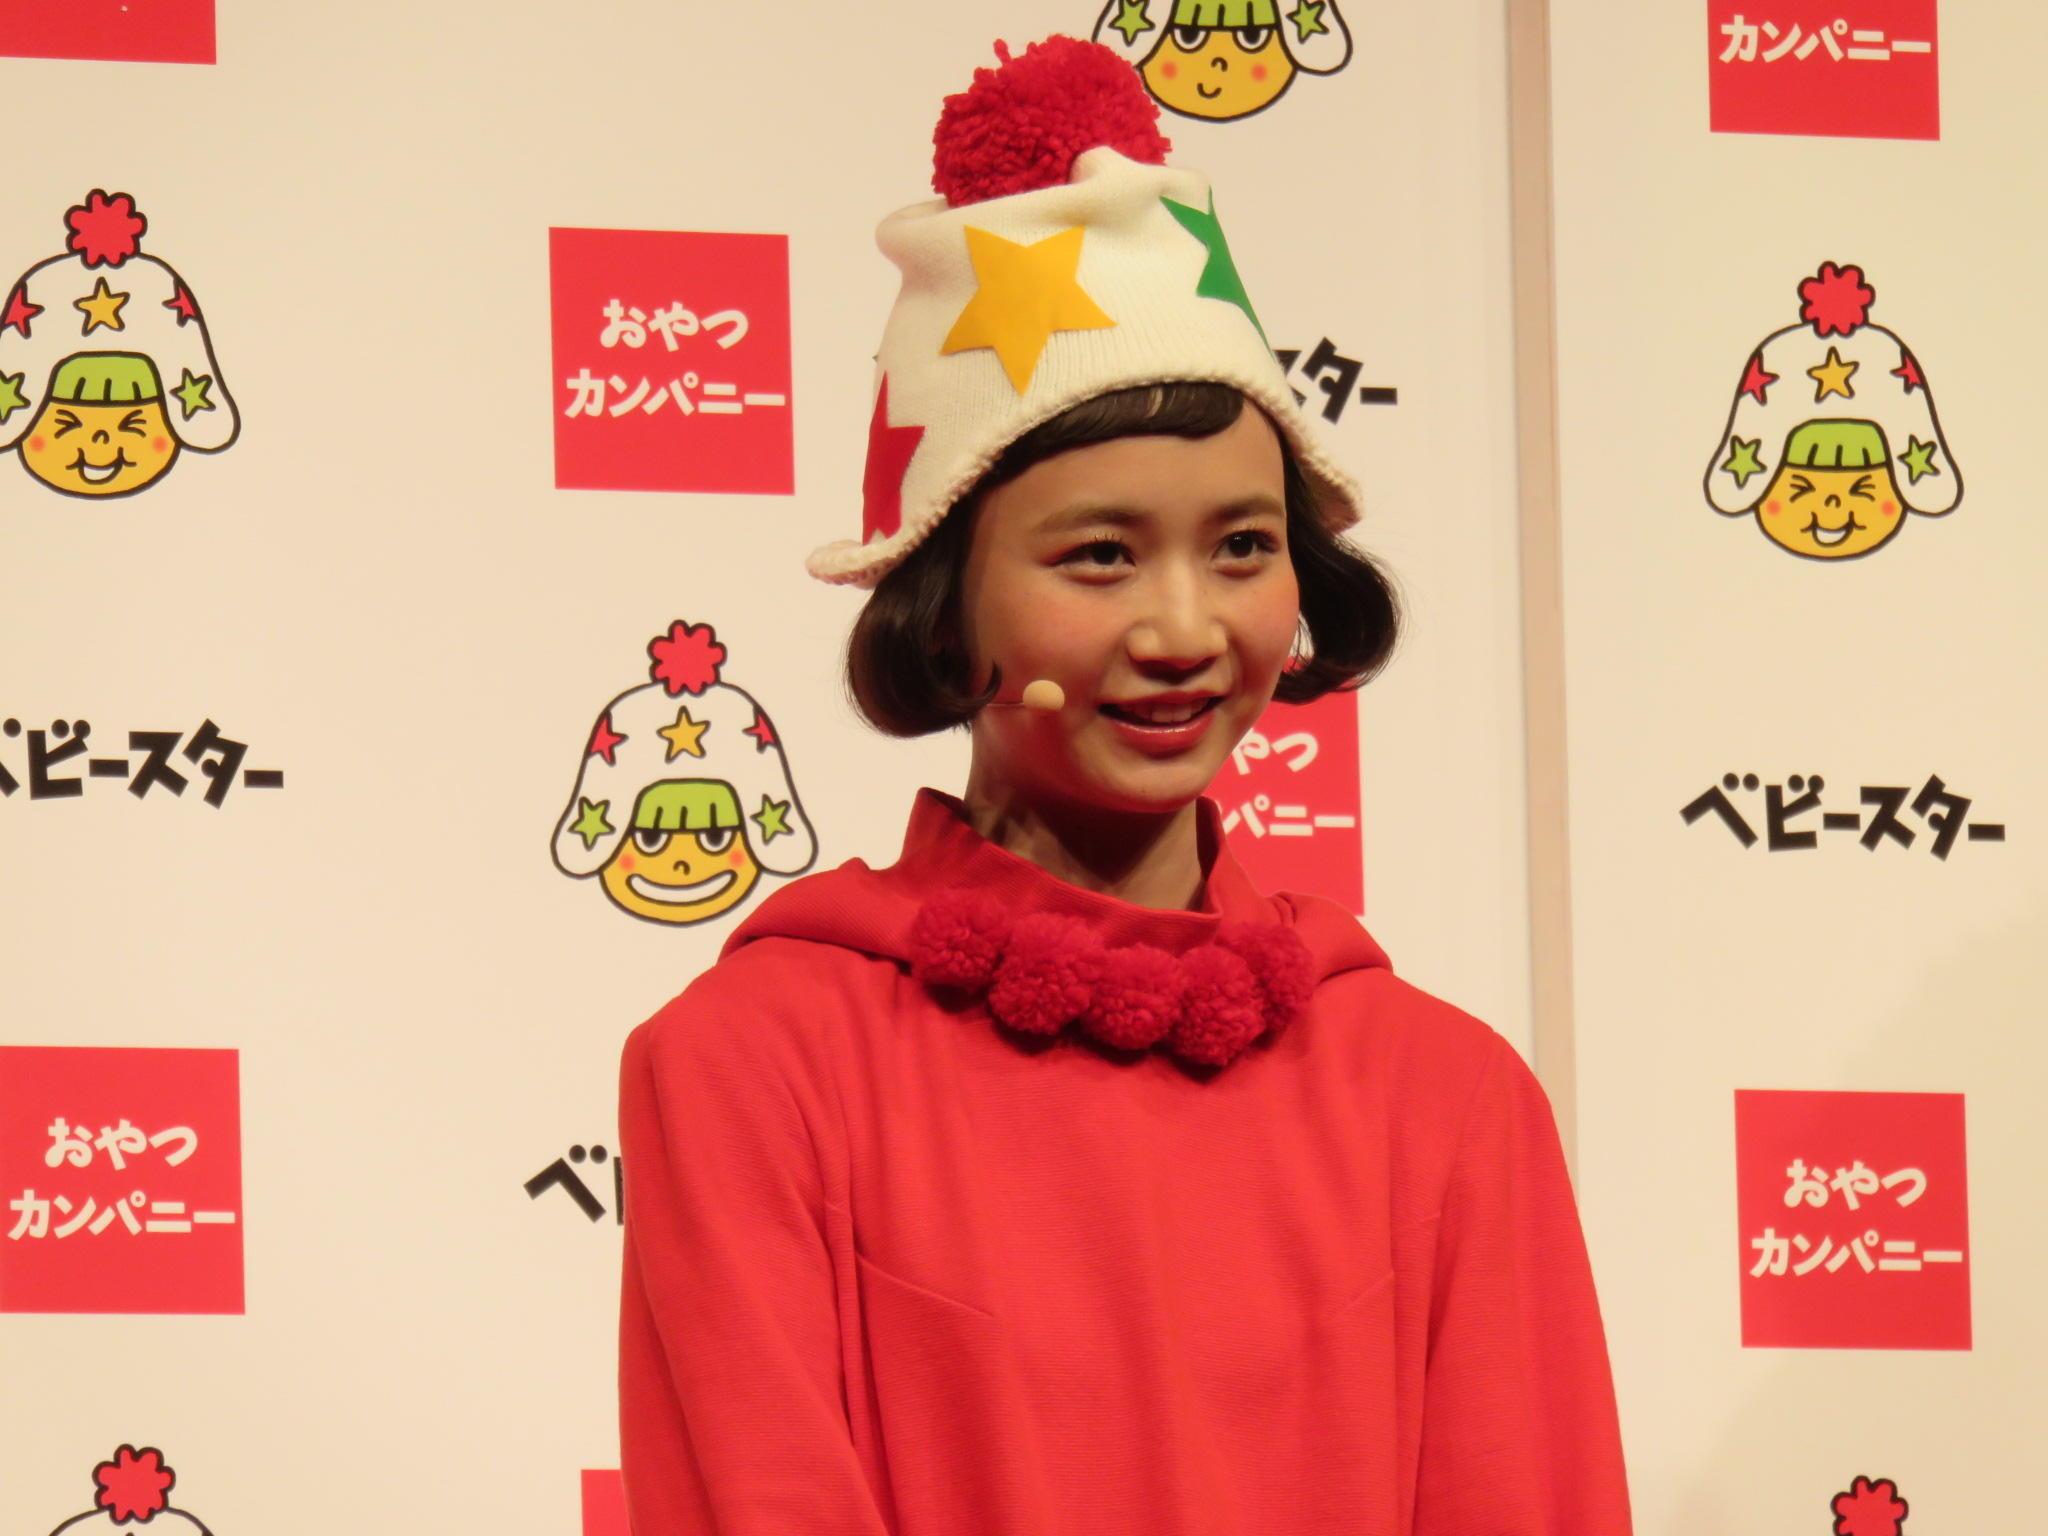 http://news.yoshimoto.co.jp/20170131190010-328e89e4d4bad06430945166faa2f61b99ab4a2d.jpg